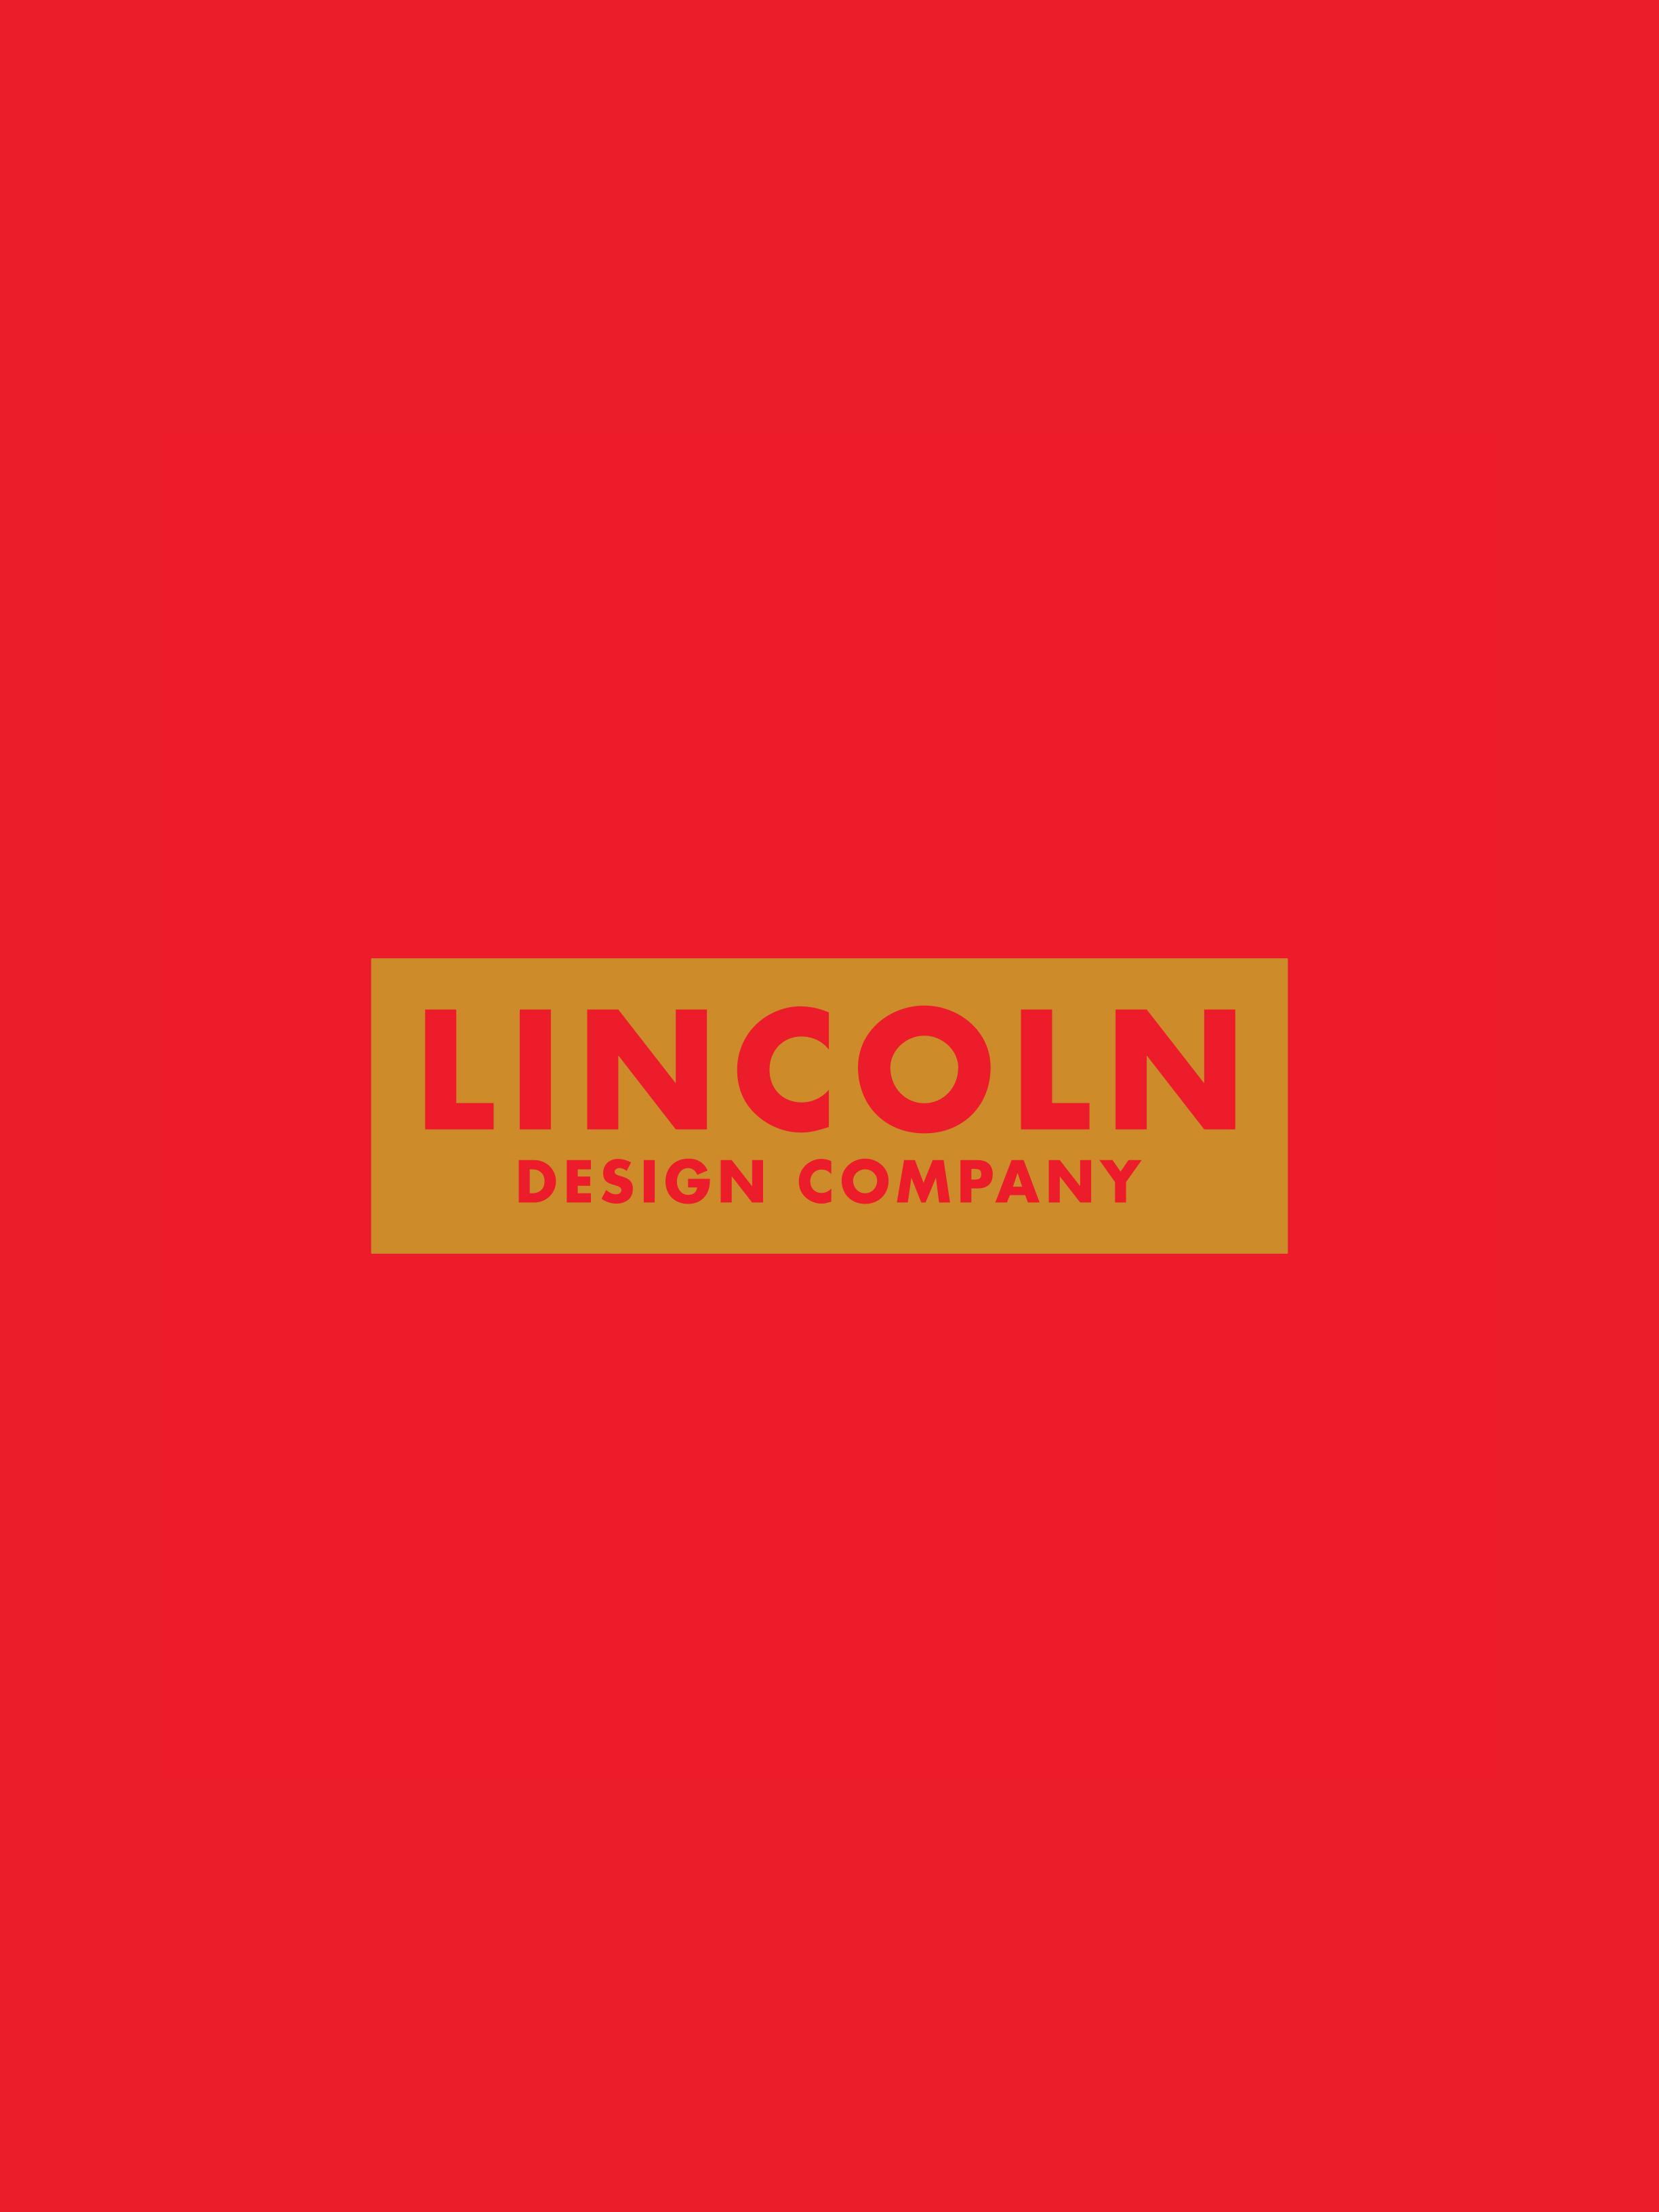 lincoln_logo.jpg